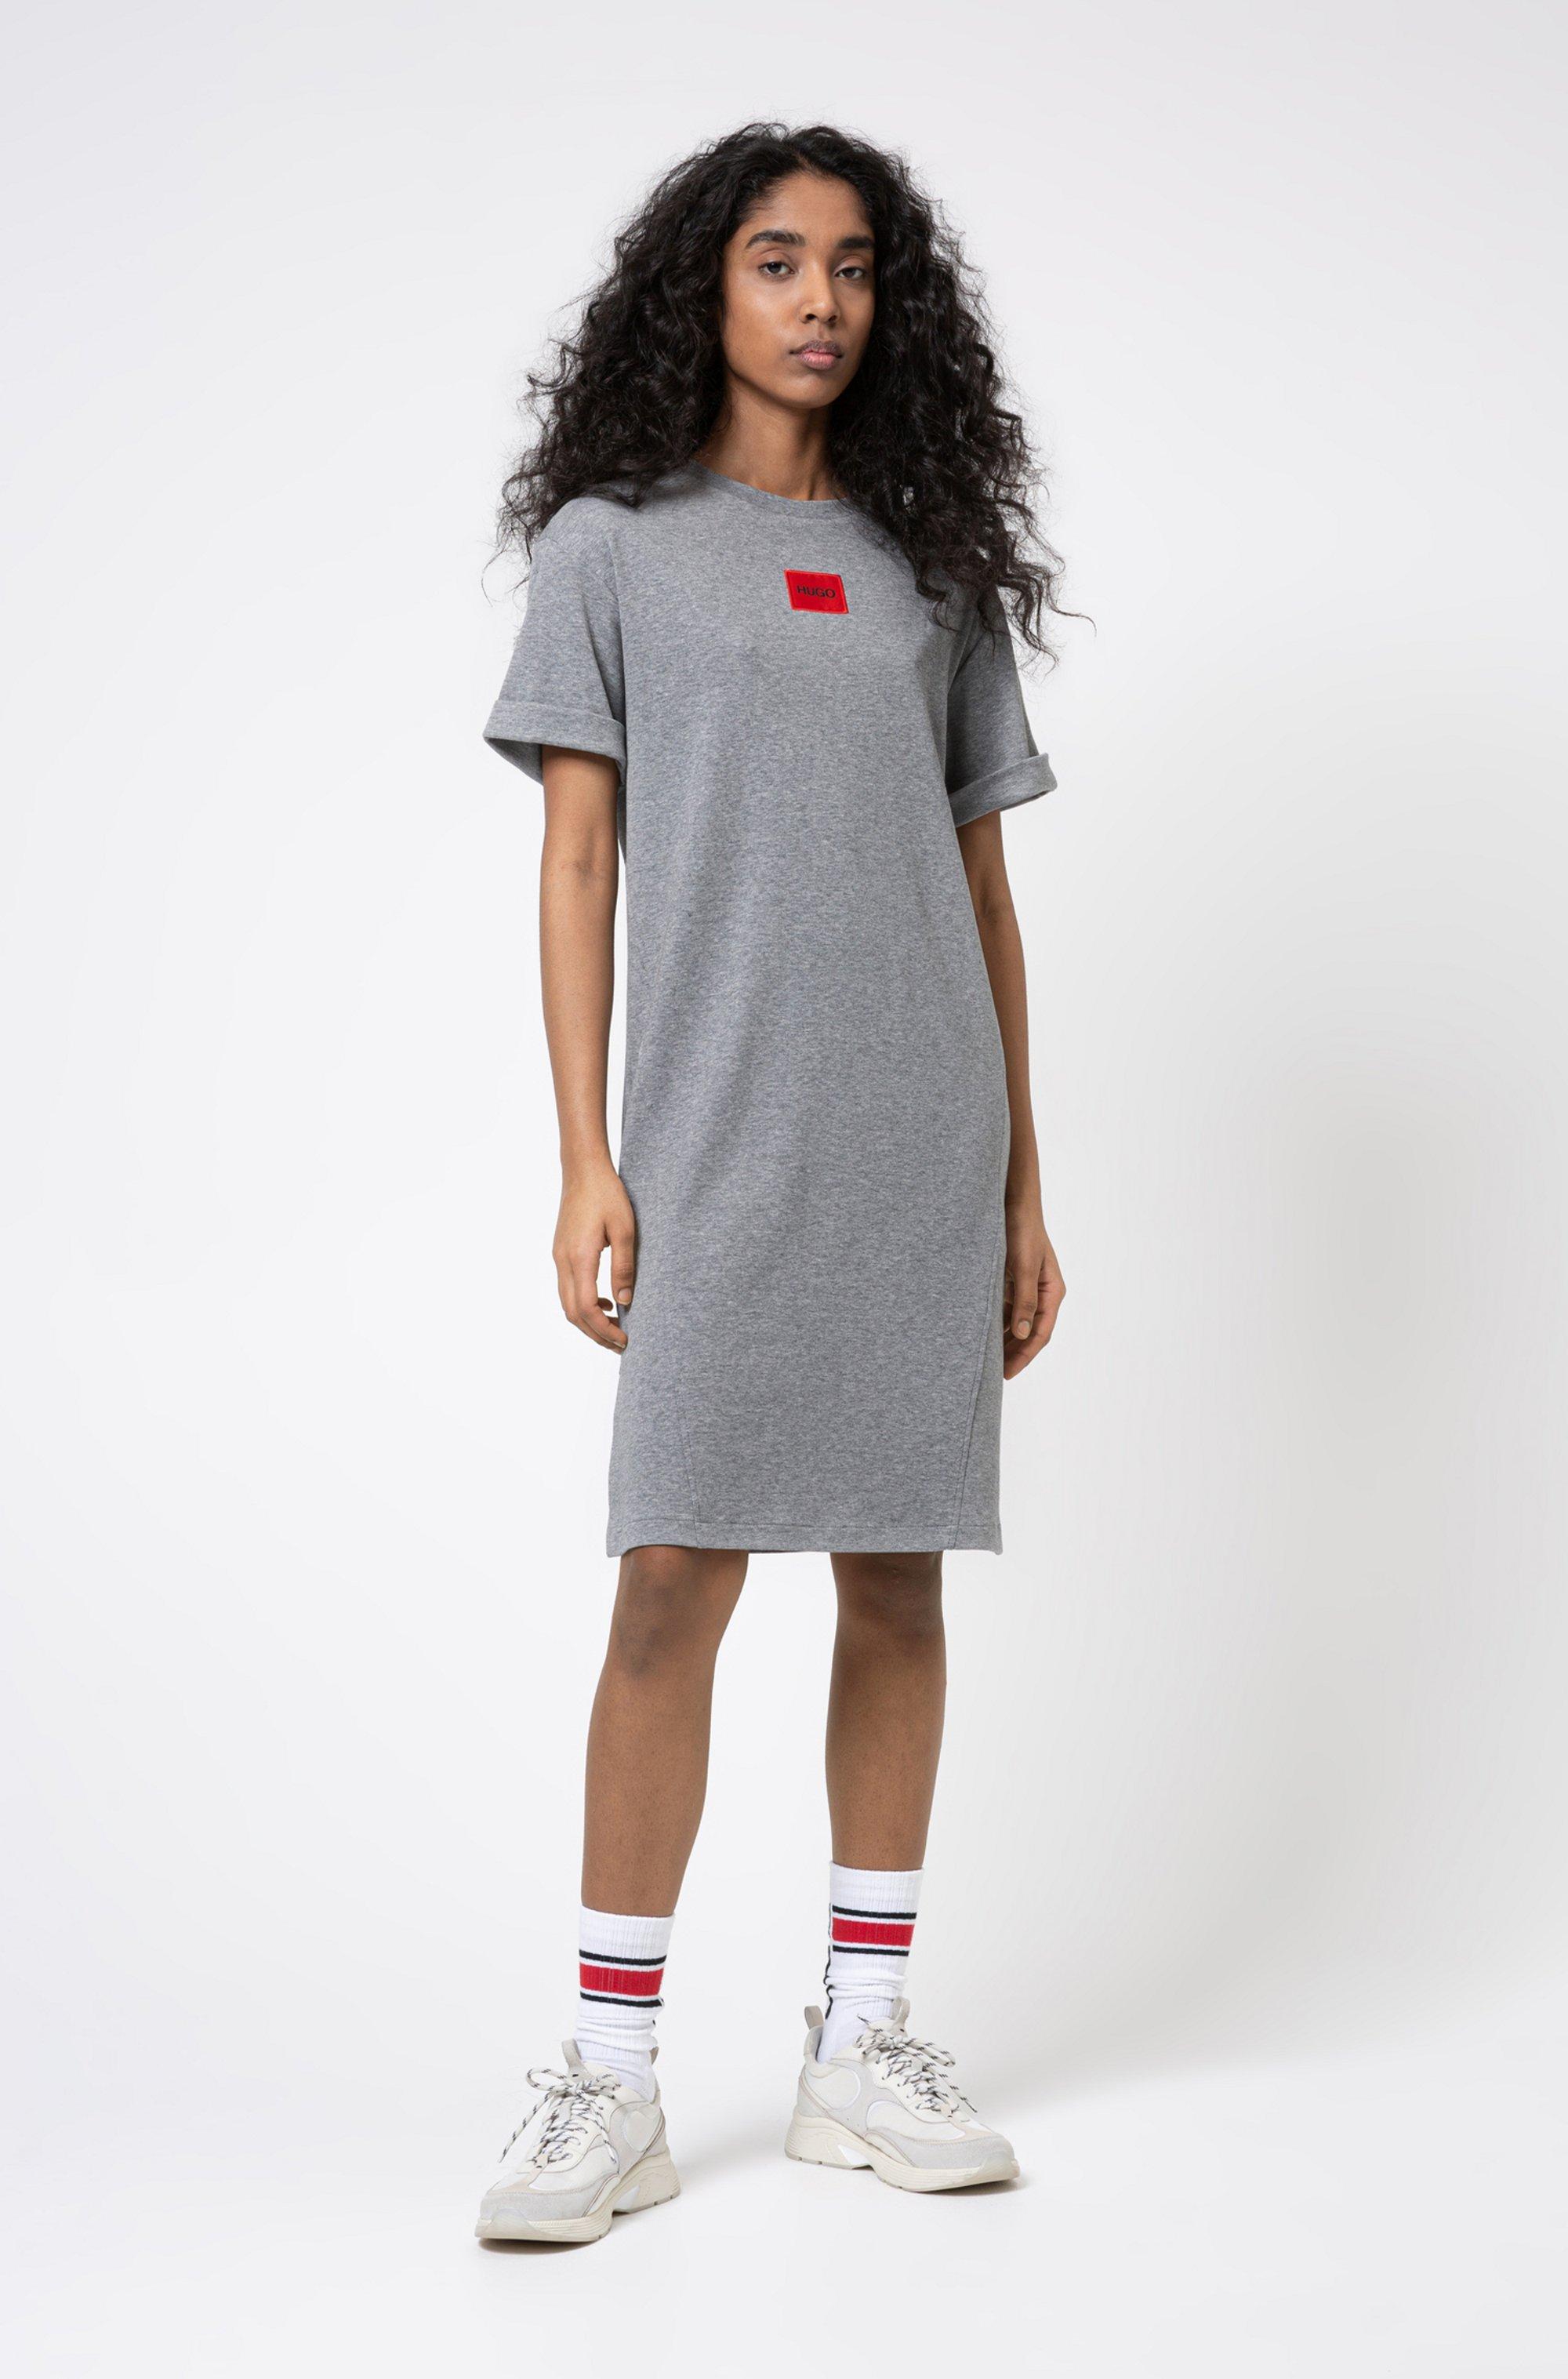 Robe t-shirt en coton interlock avec étiquette logo rouge